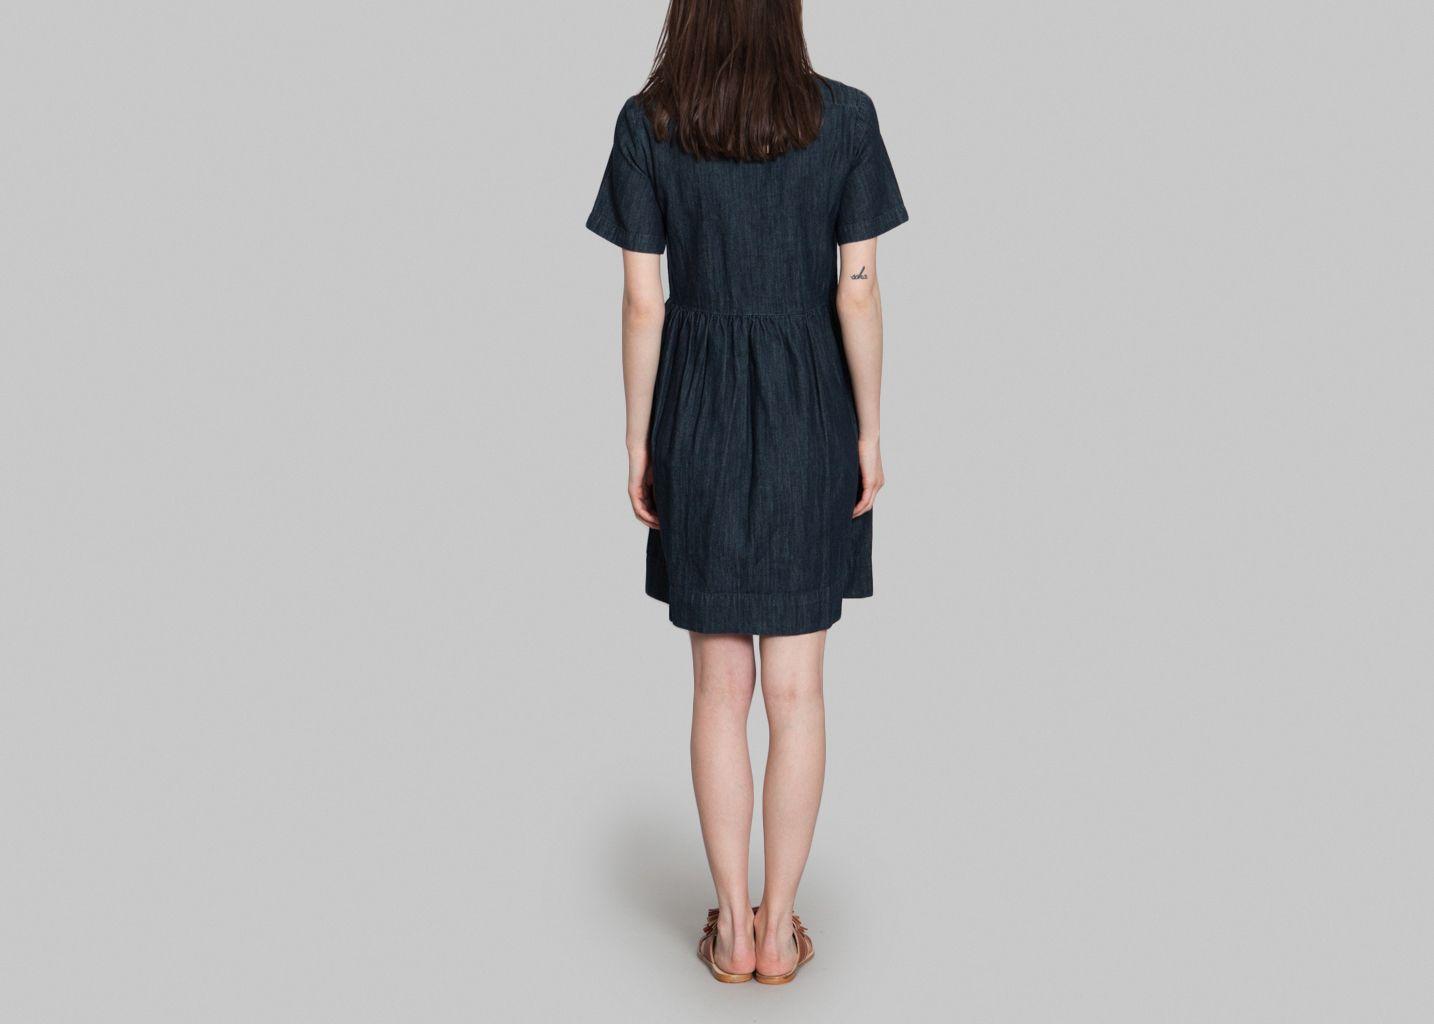 robe elise ath vanessa bruno bleu canard l 39 exception. Black Bedroom Furniture Sets. Home Design Ideas